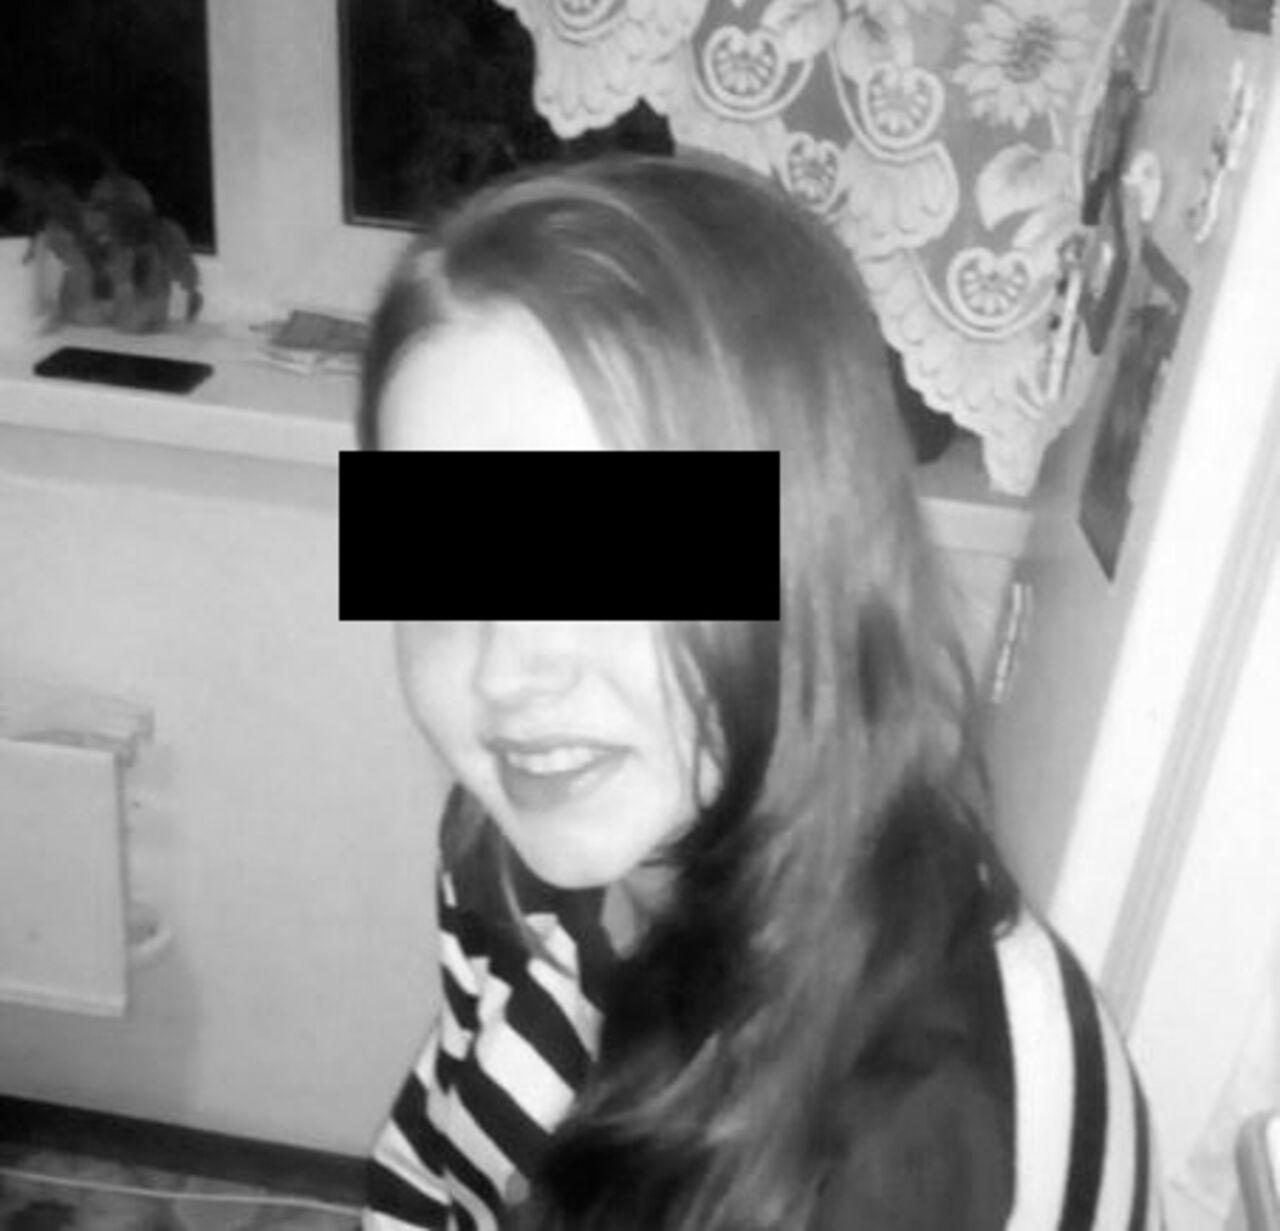 ВНовокузнецке при странных обстоятельствах погибла 13-летняя школьница